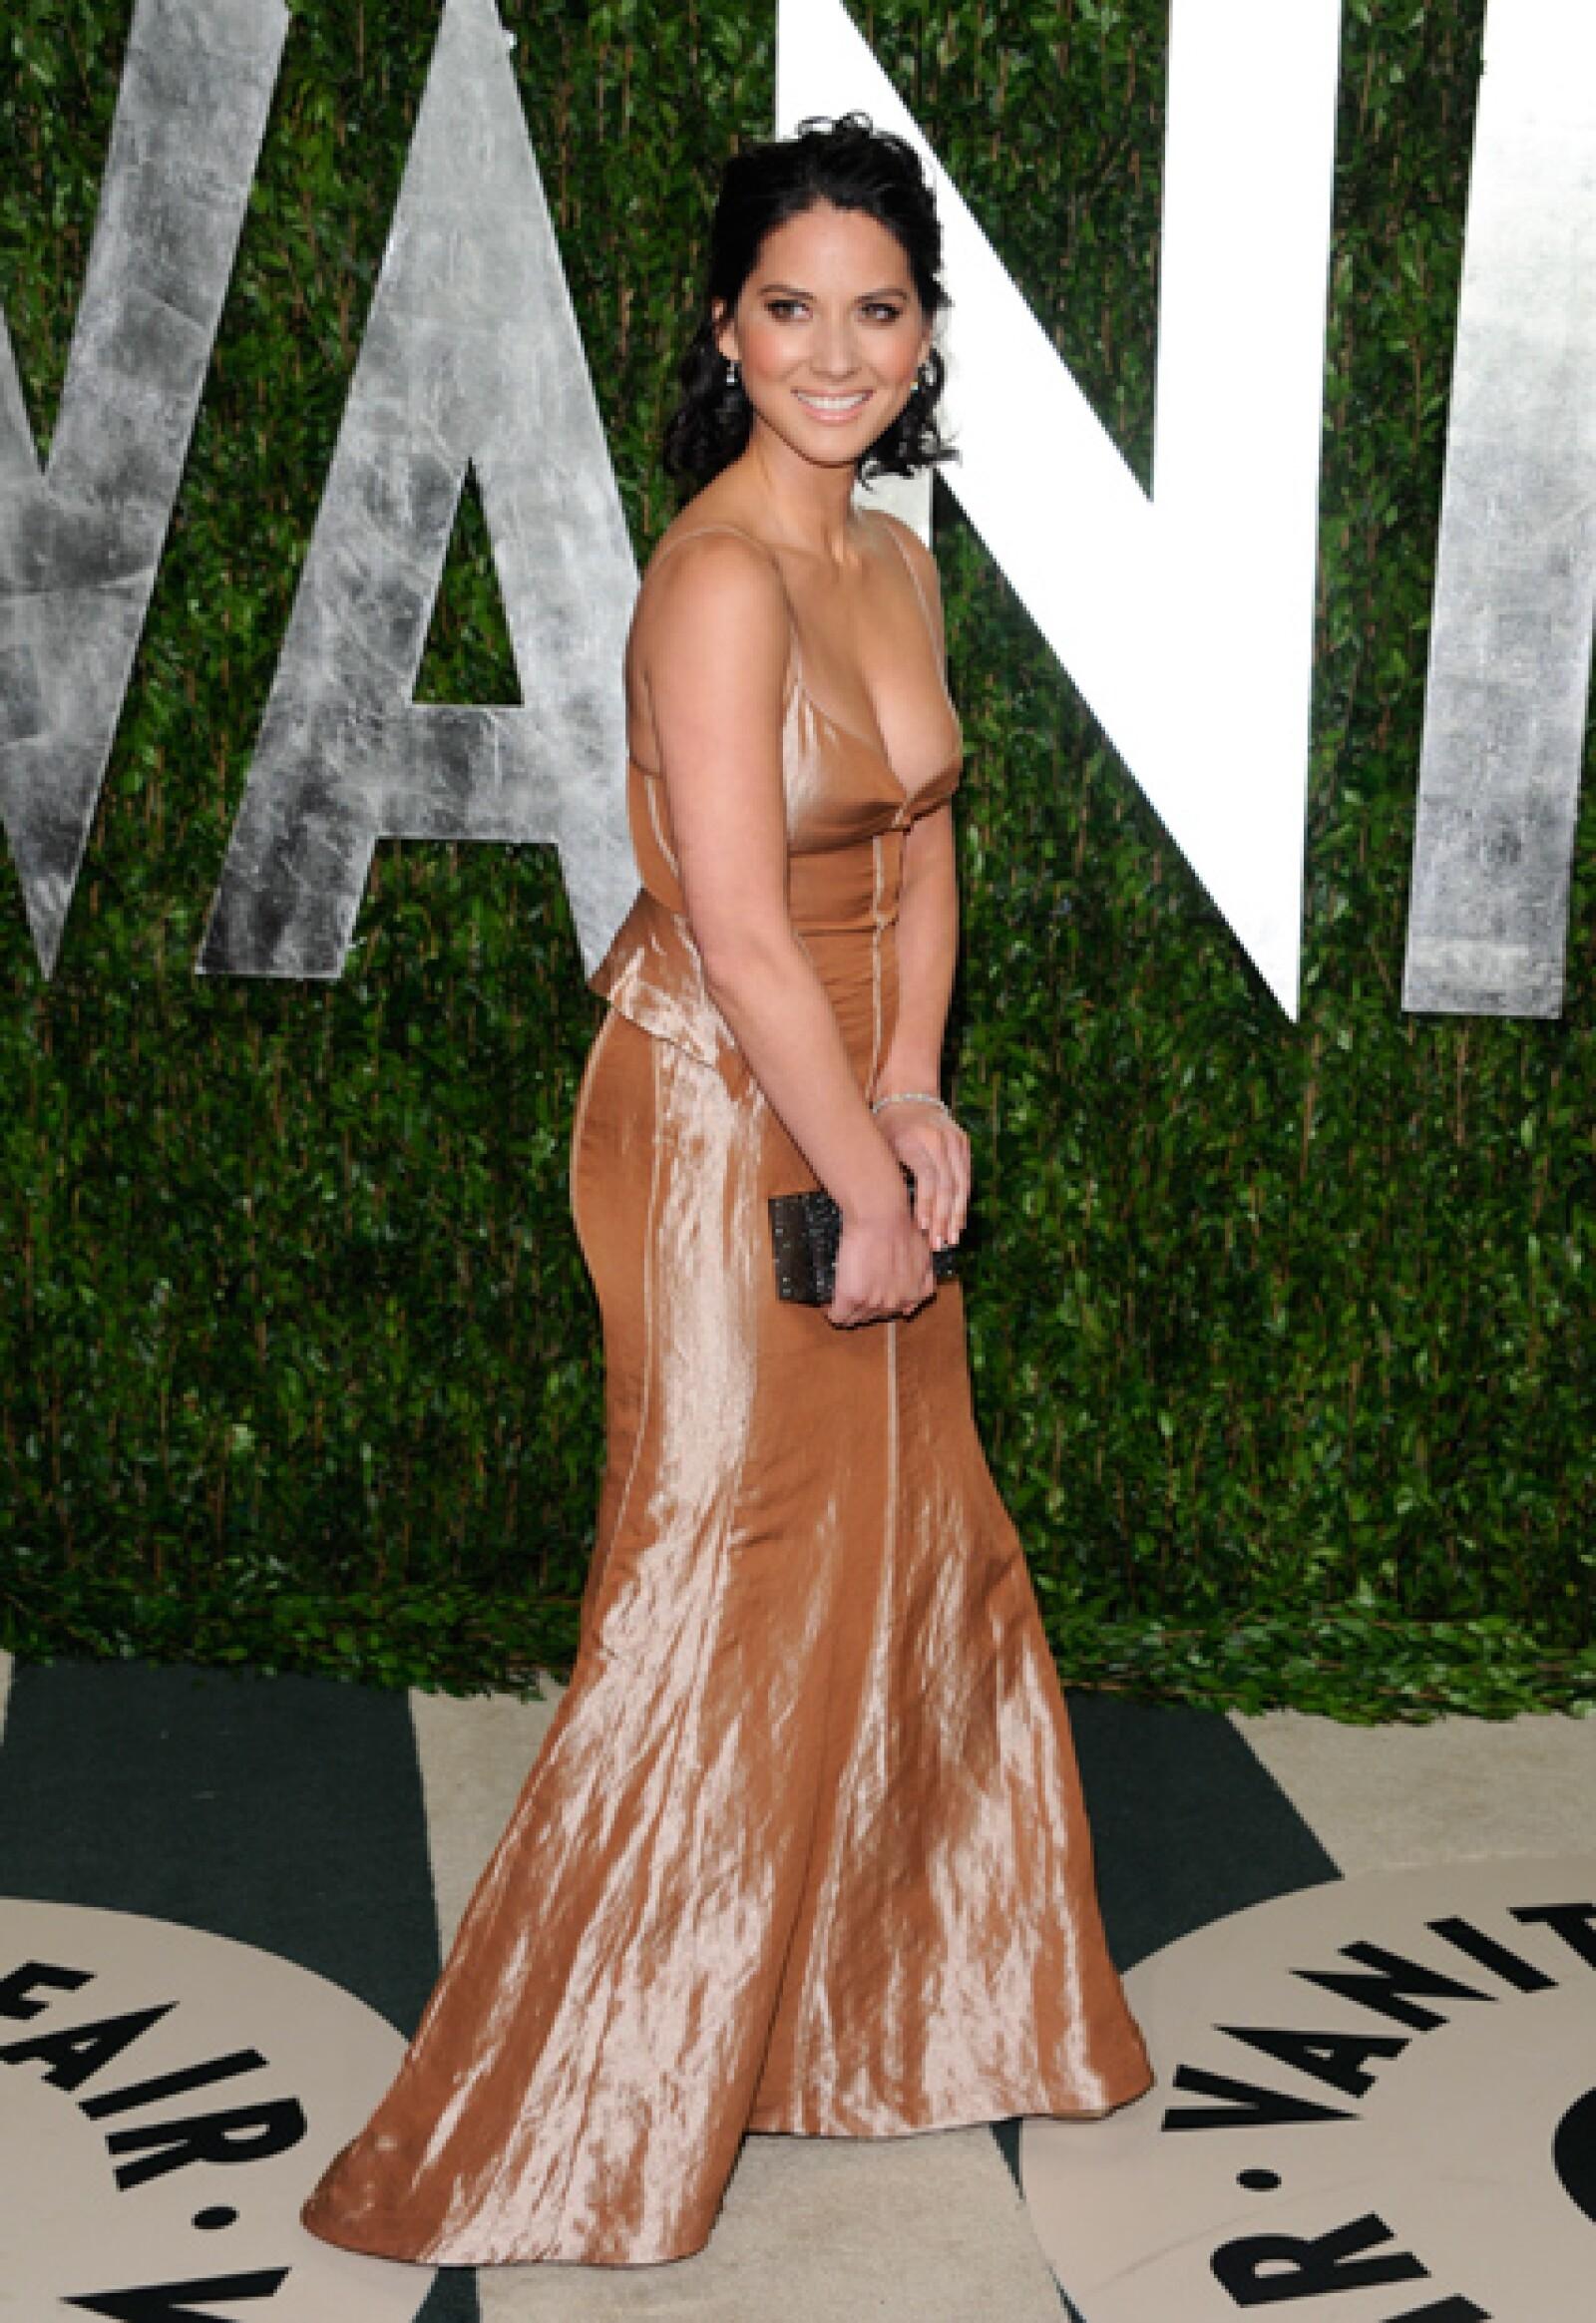 Olivia Munn se posicionó como la segunda mujer más hot del mundo.